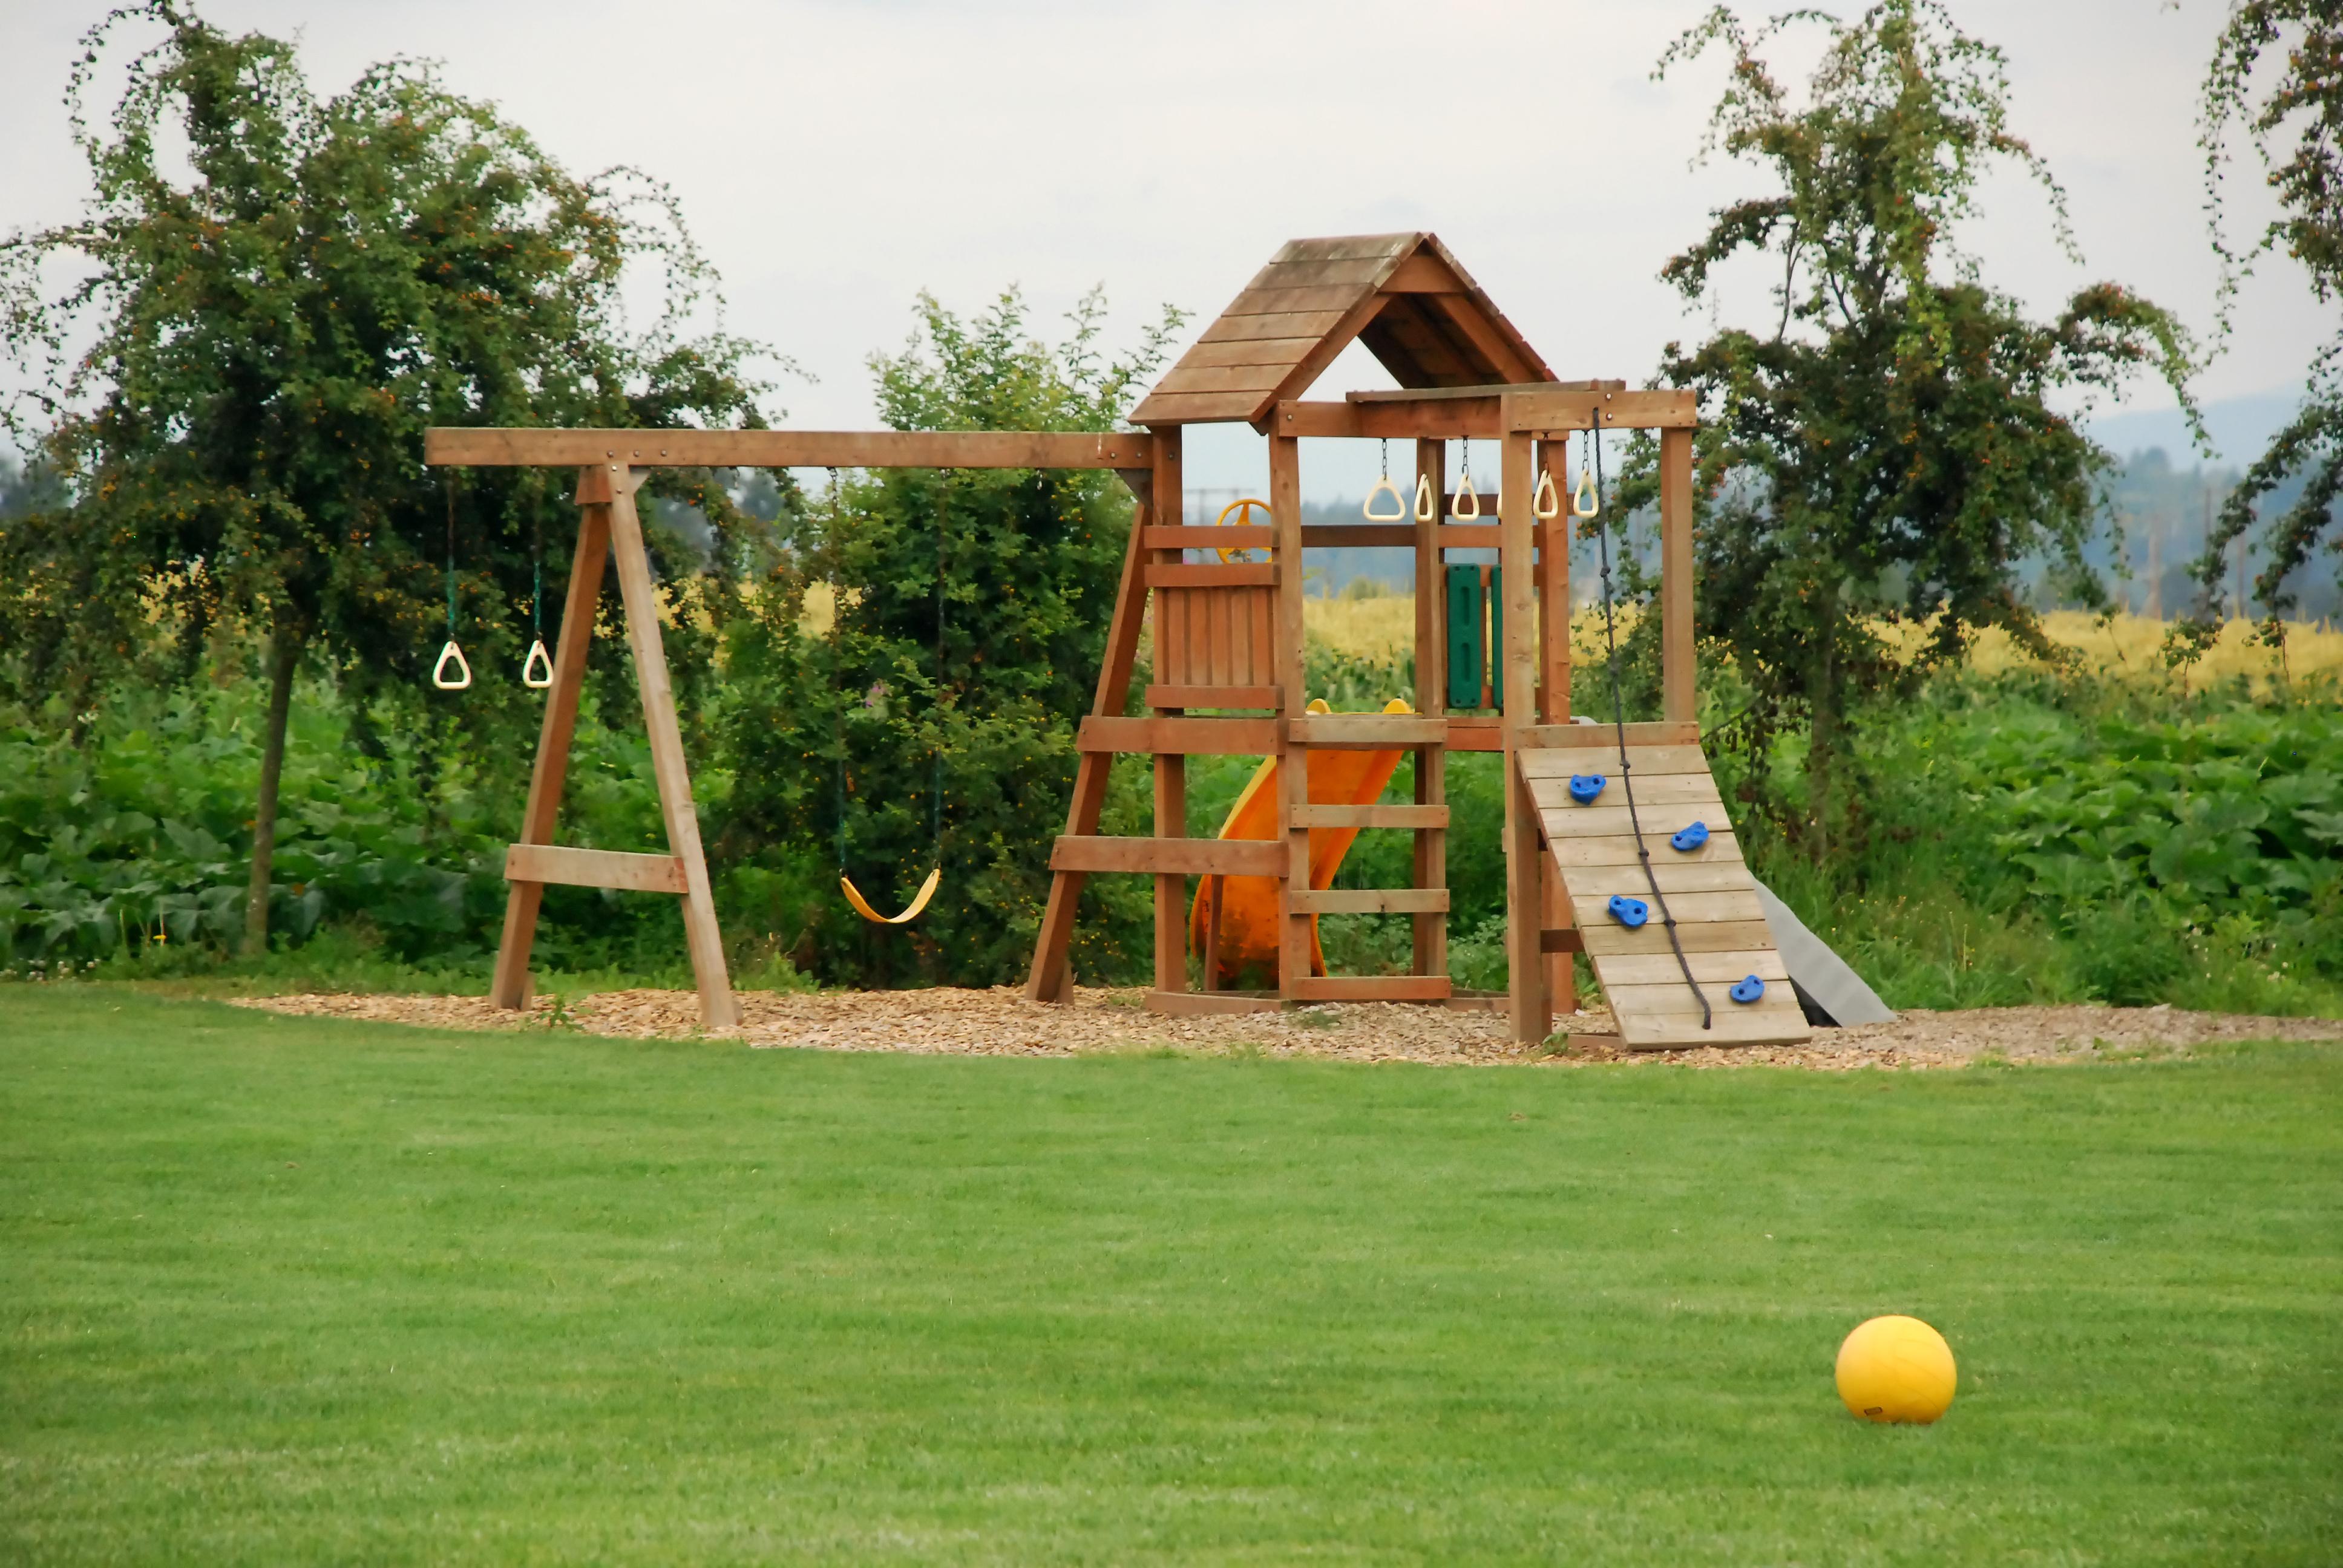 Идеи для детской площадки: виды, выбор территории, технология строительства